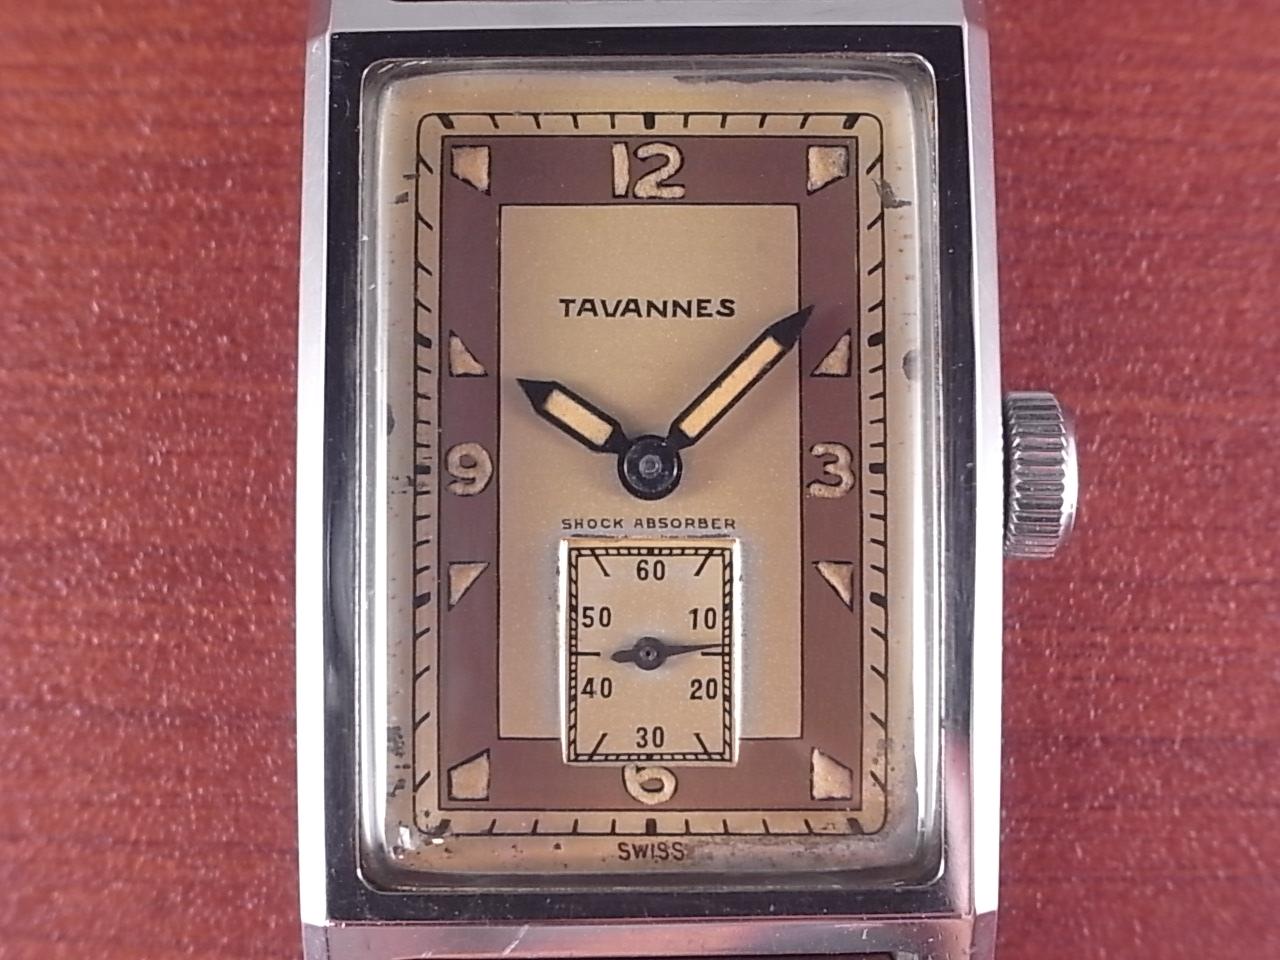 タバン レクタンギュラ― アールデコ 4つビス防水ケース 1940年代の写真2枚目